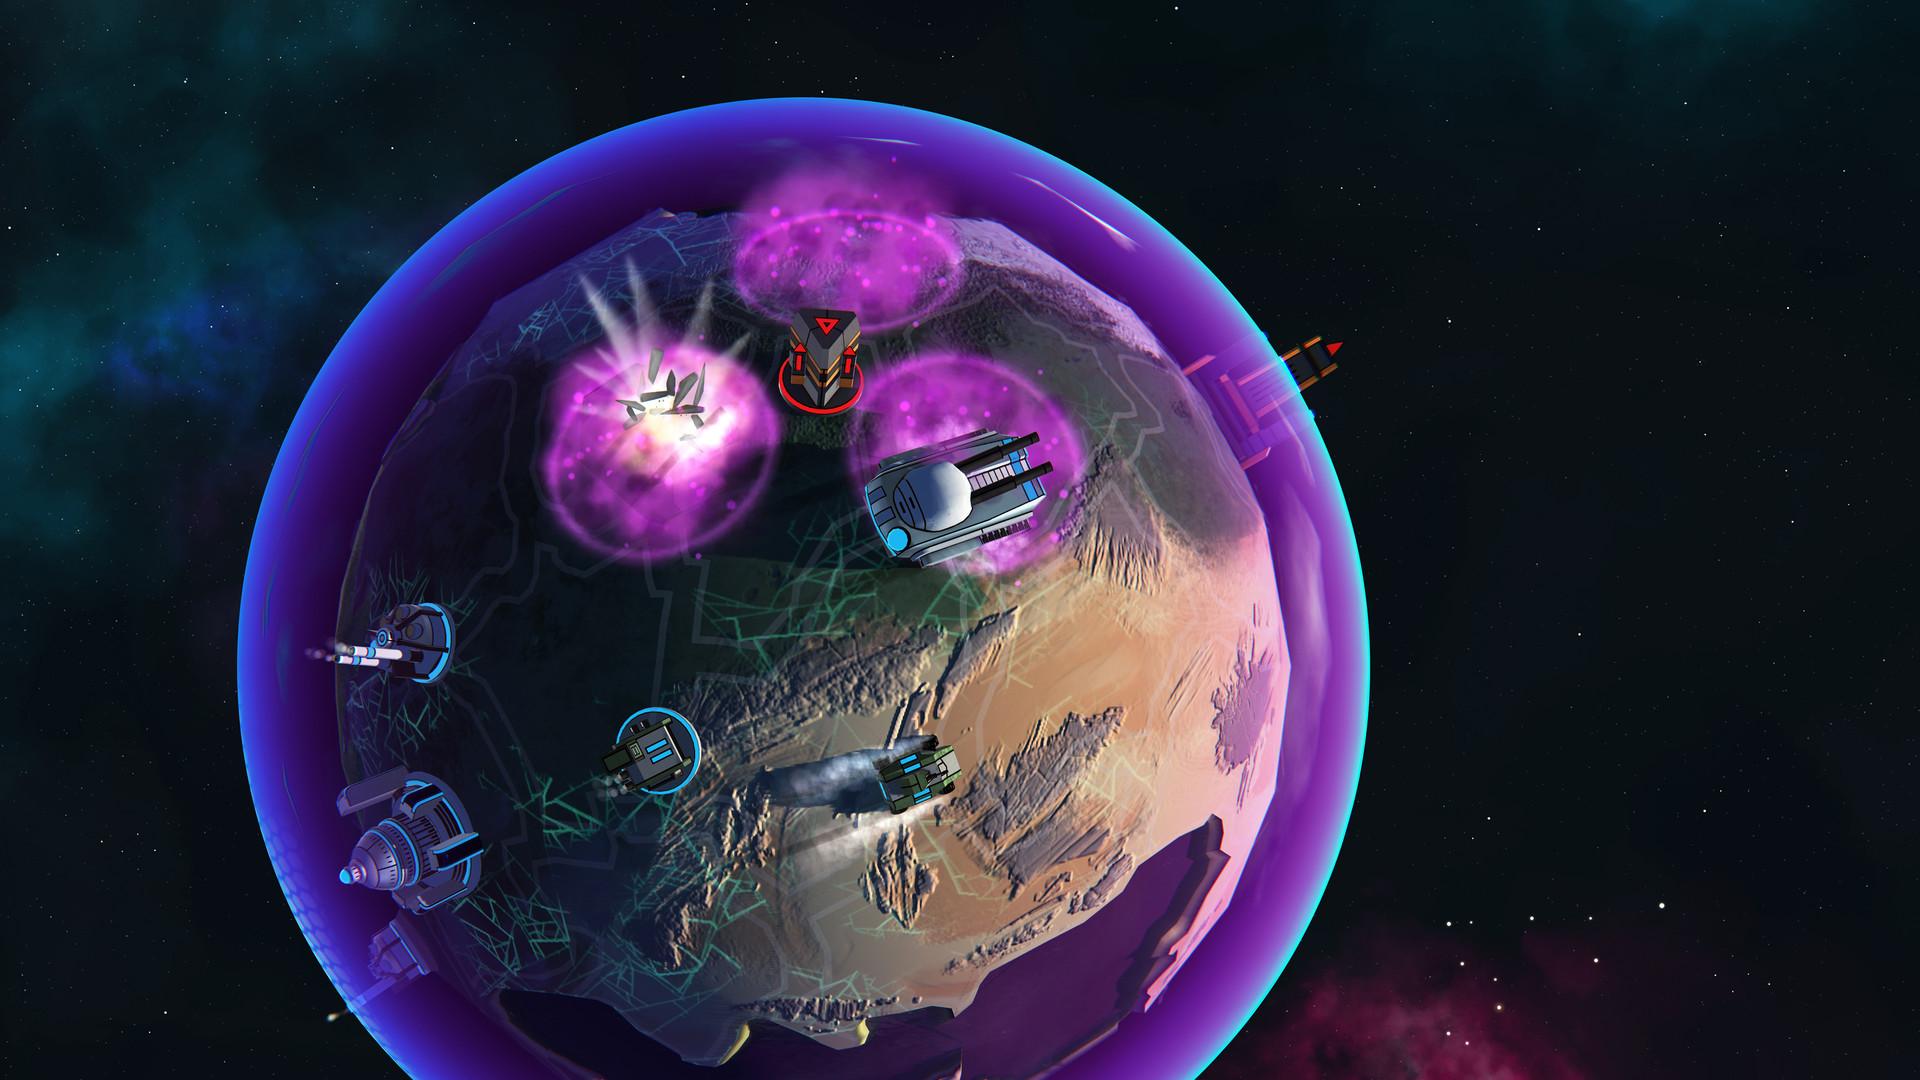 【简中】星际指挥官(Stellar Commanders) - 第6张  | OGS游戏屋